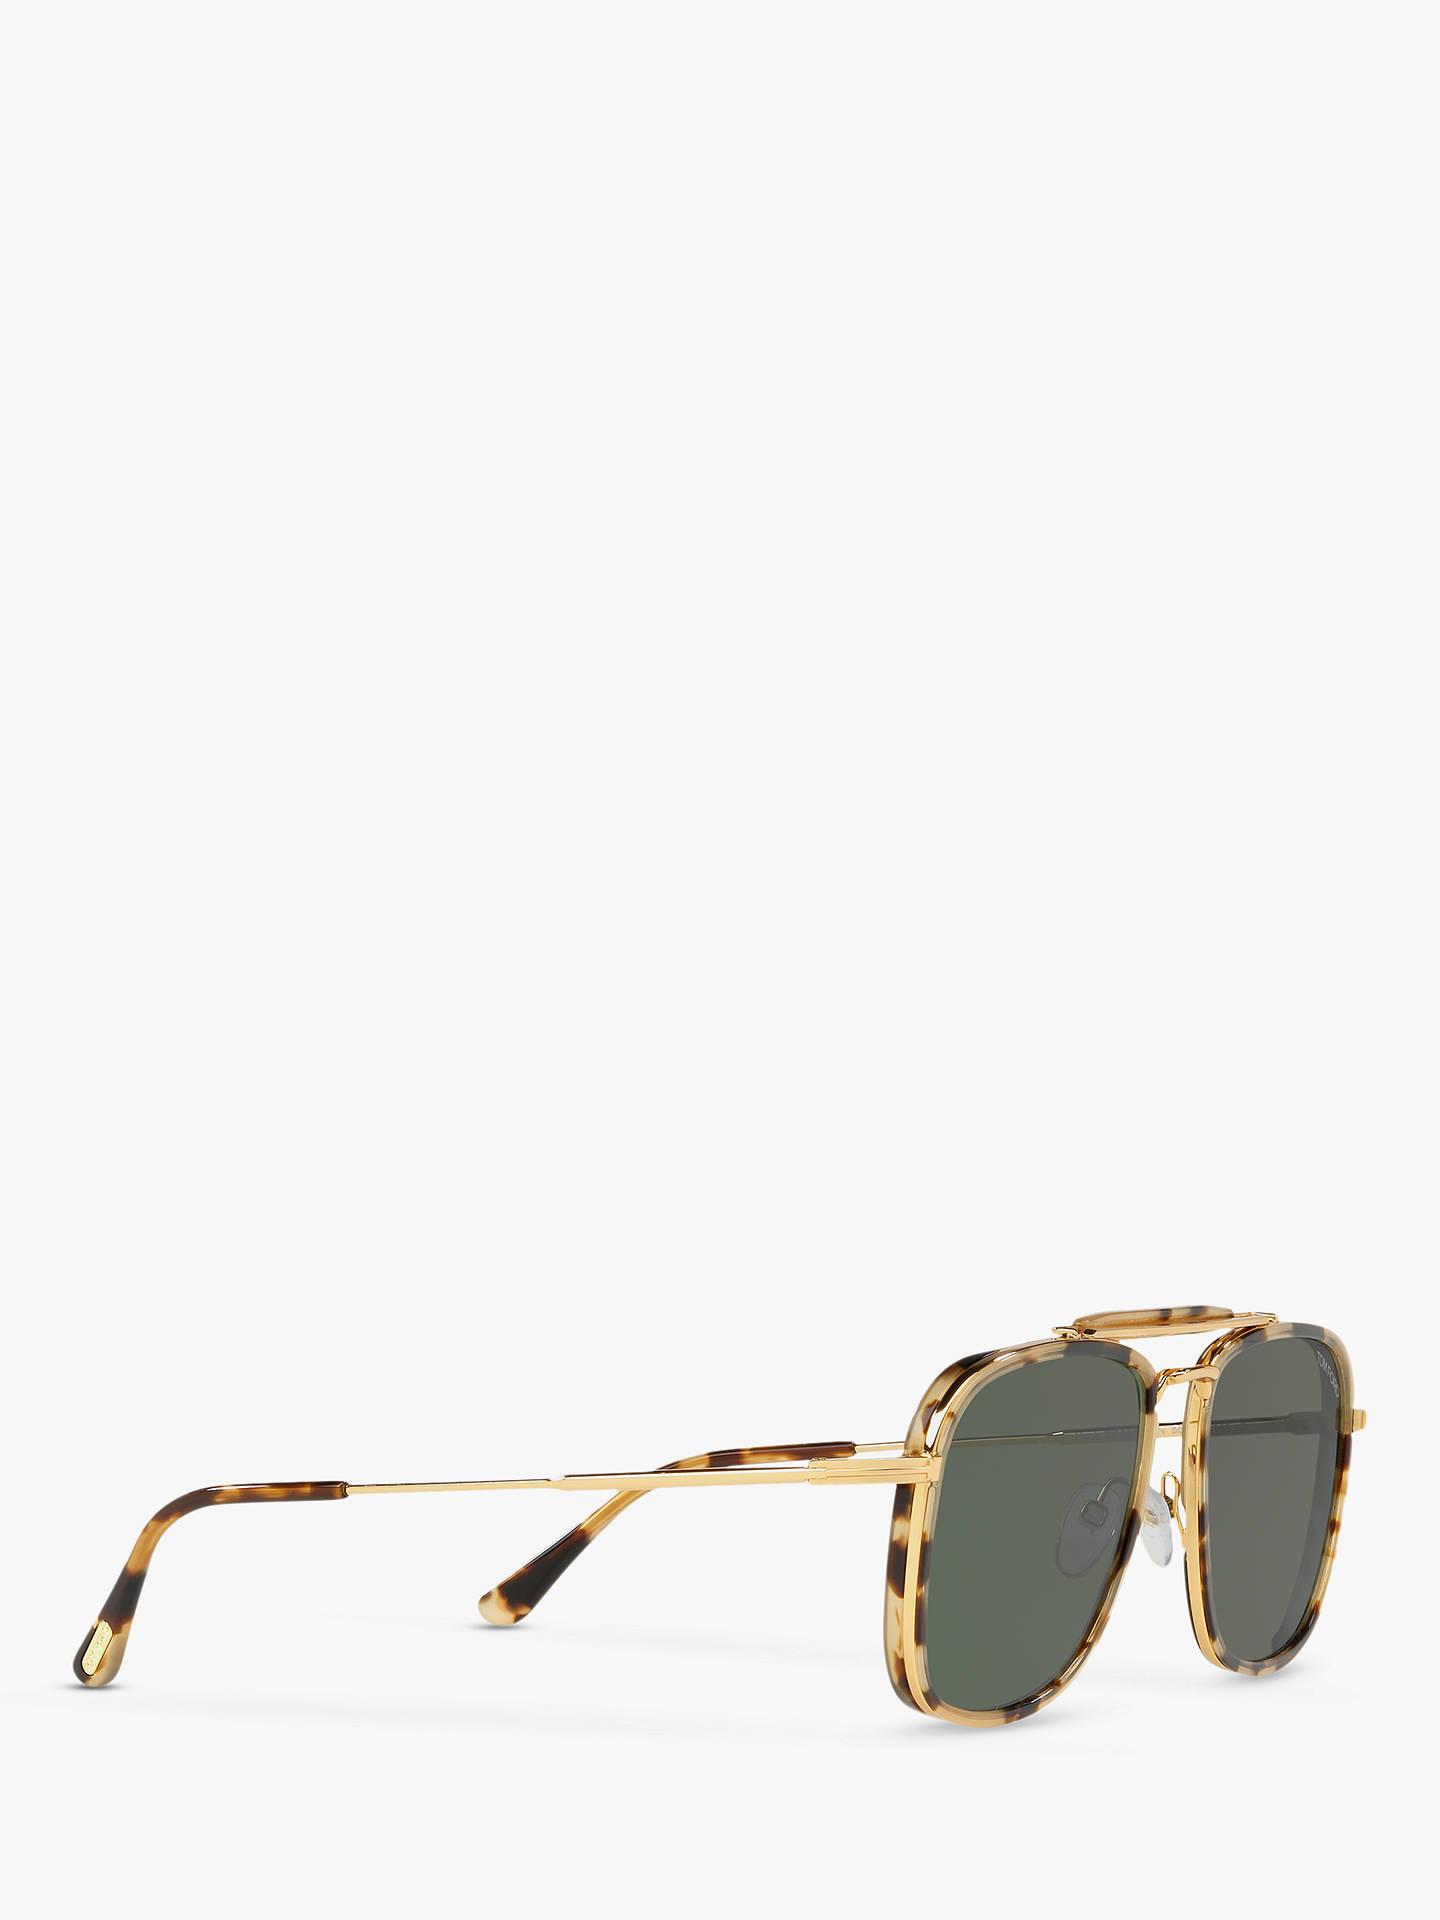 c1fe6f2168 ... Buy TOM FORD FT0665 Men s Huck Irregular Sunglasses